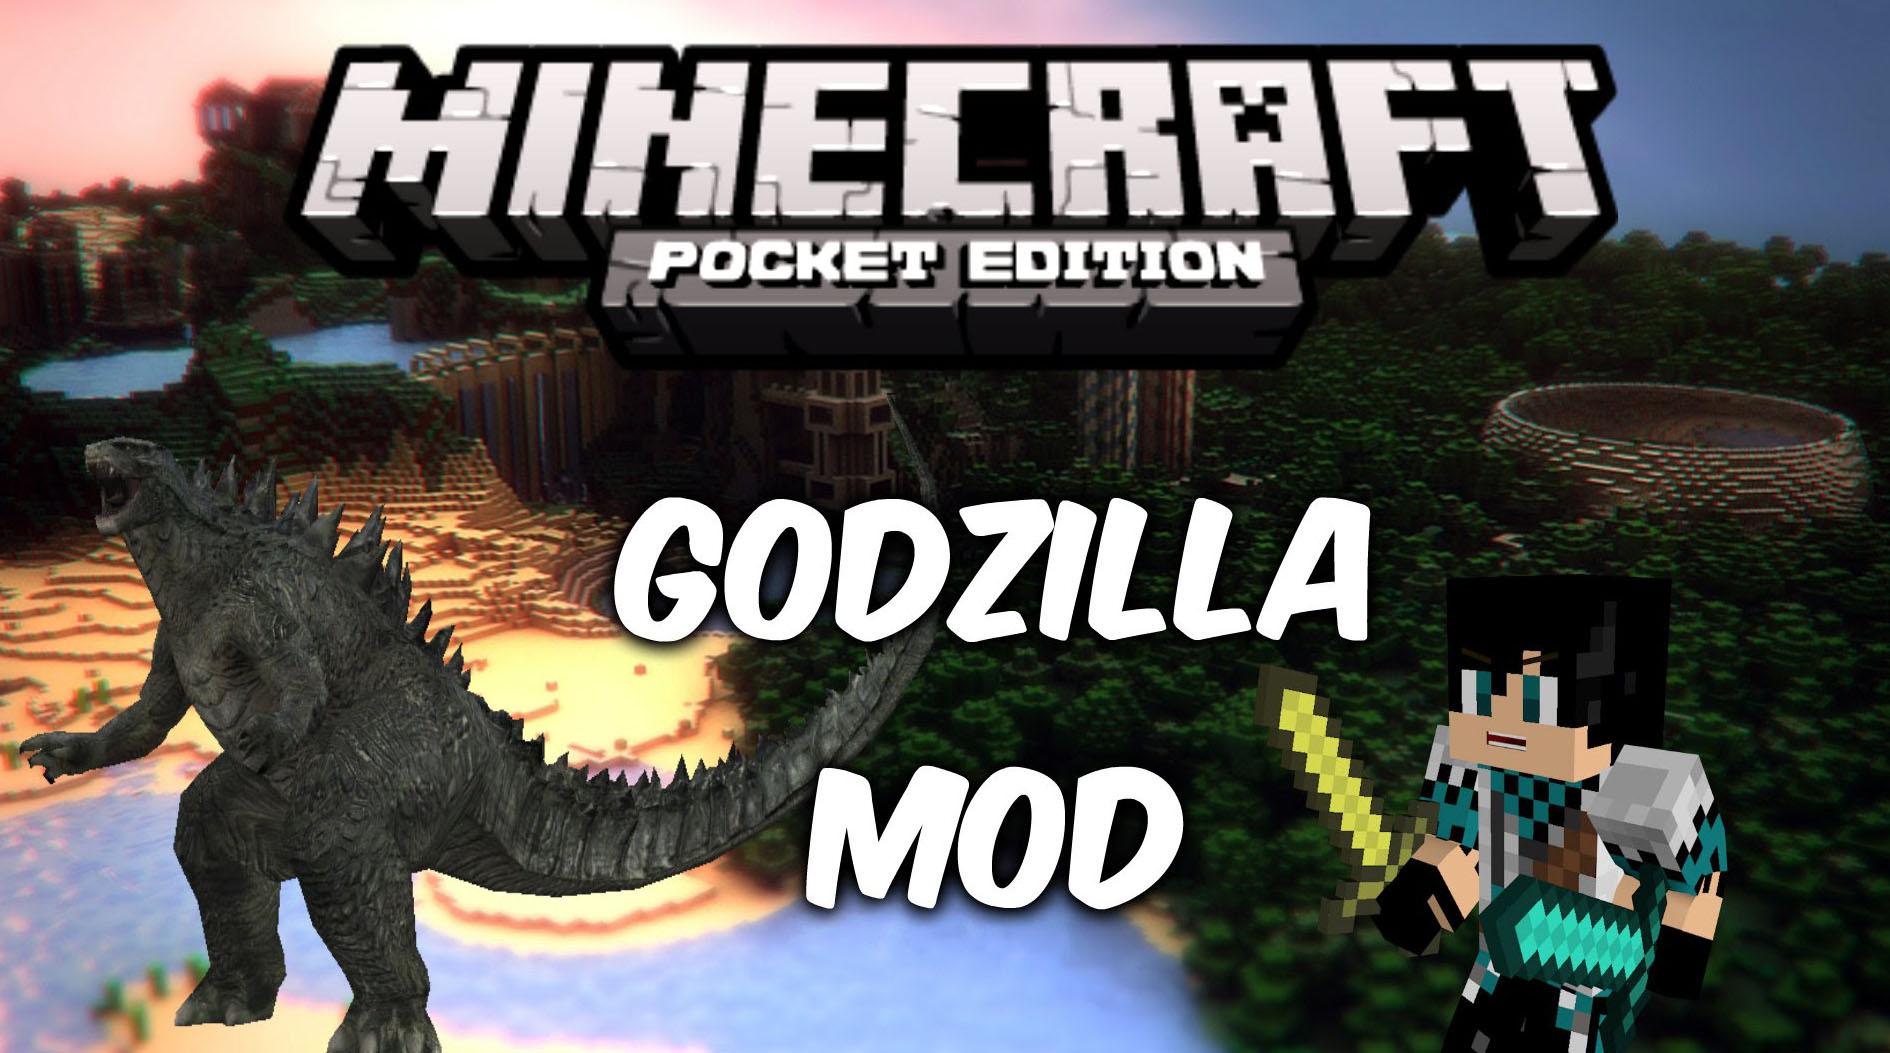 Скачать на Андроид Godzilla мод для Майнкрафт ПЕ 1.0.7